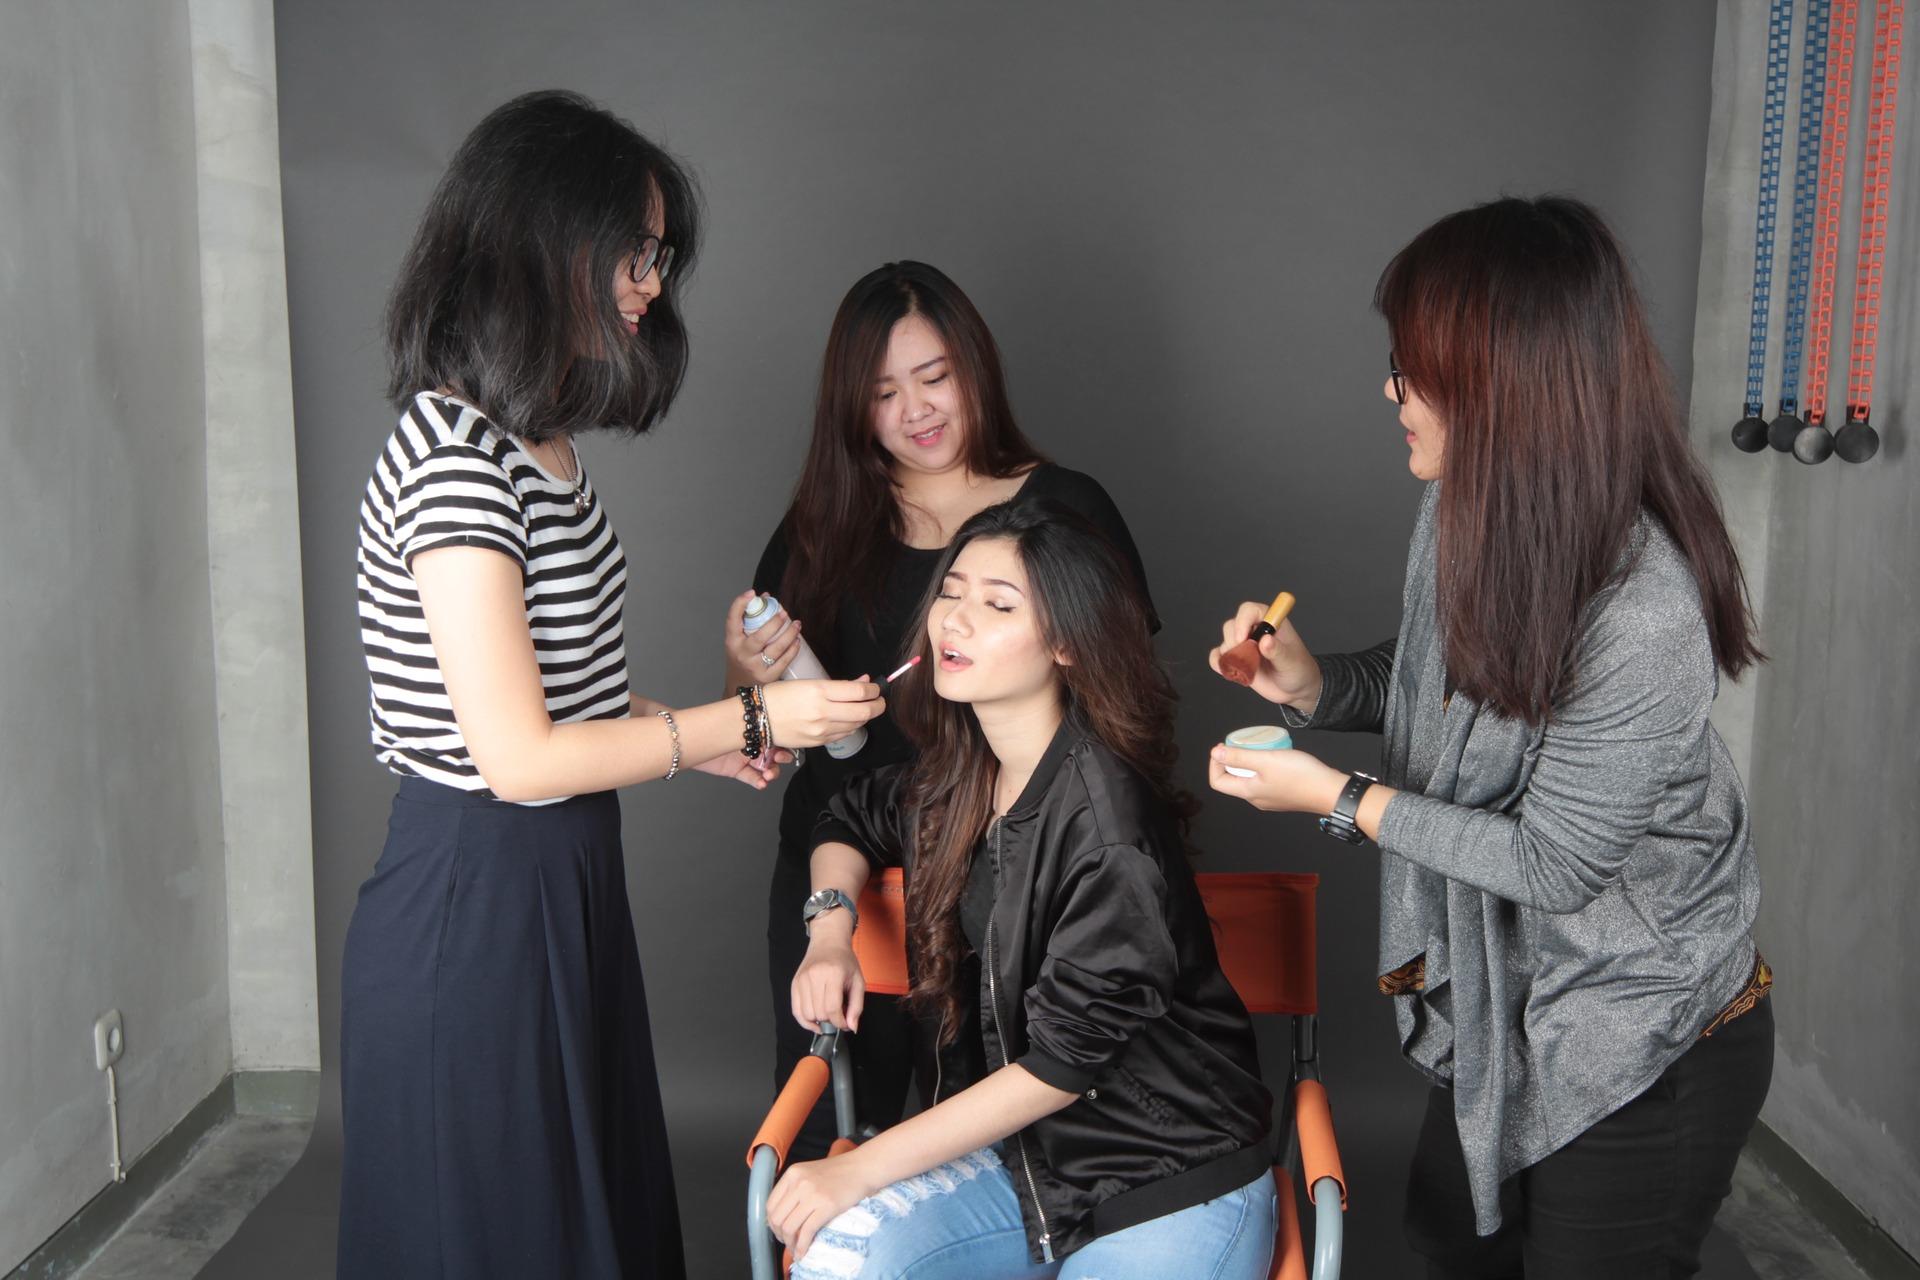 Kosmetikstudio einrichten: Tipps für ein erfolgreiches Beautyunternehmen